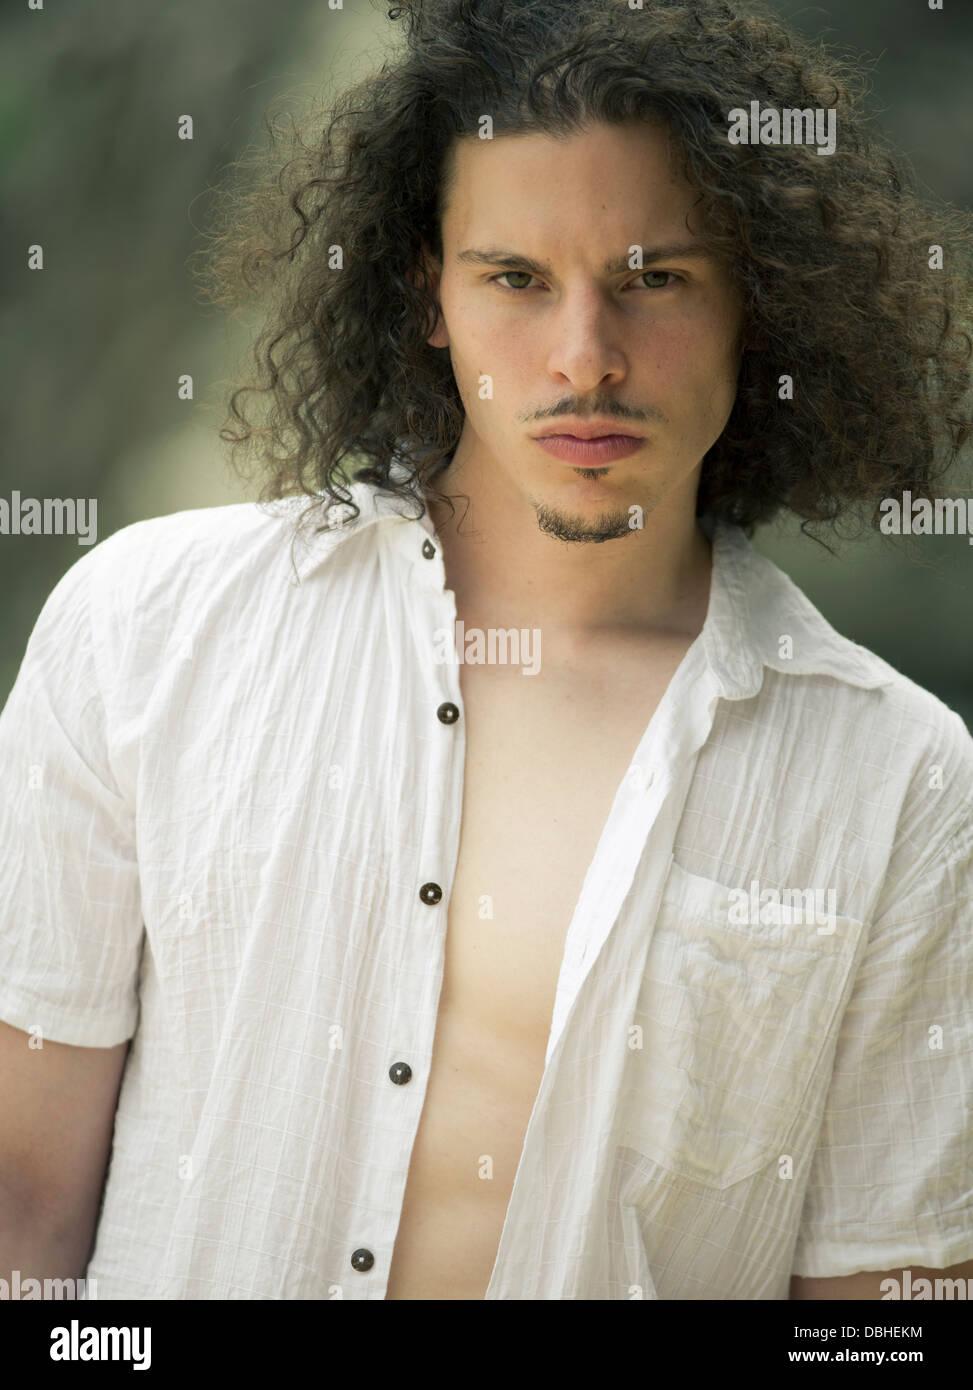 Hombre americano egipcio con larga barba y cabello ondulado con ese bigotazo unbuttoned camisa de algodón blanco Imagen De Stock